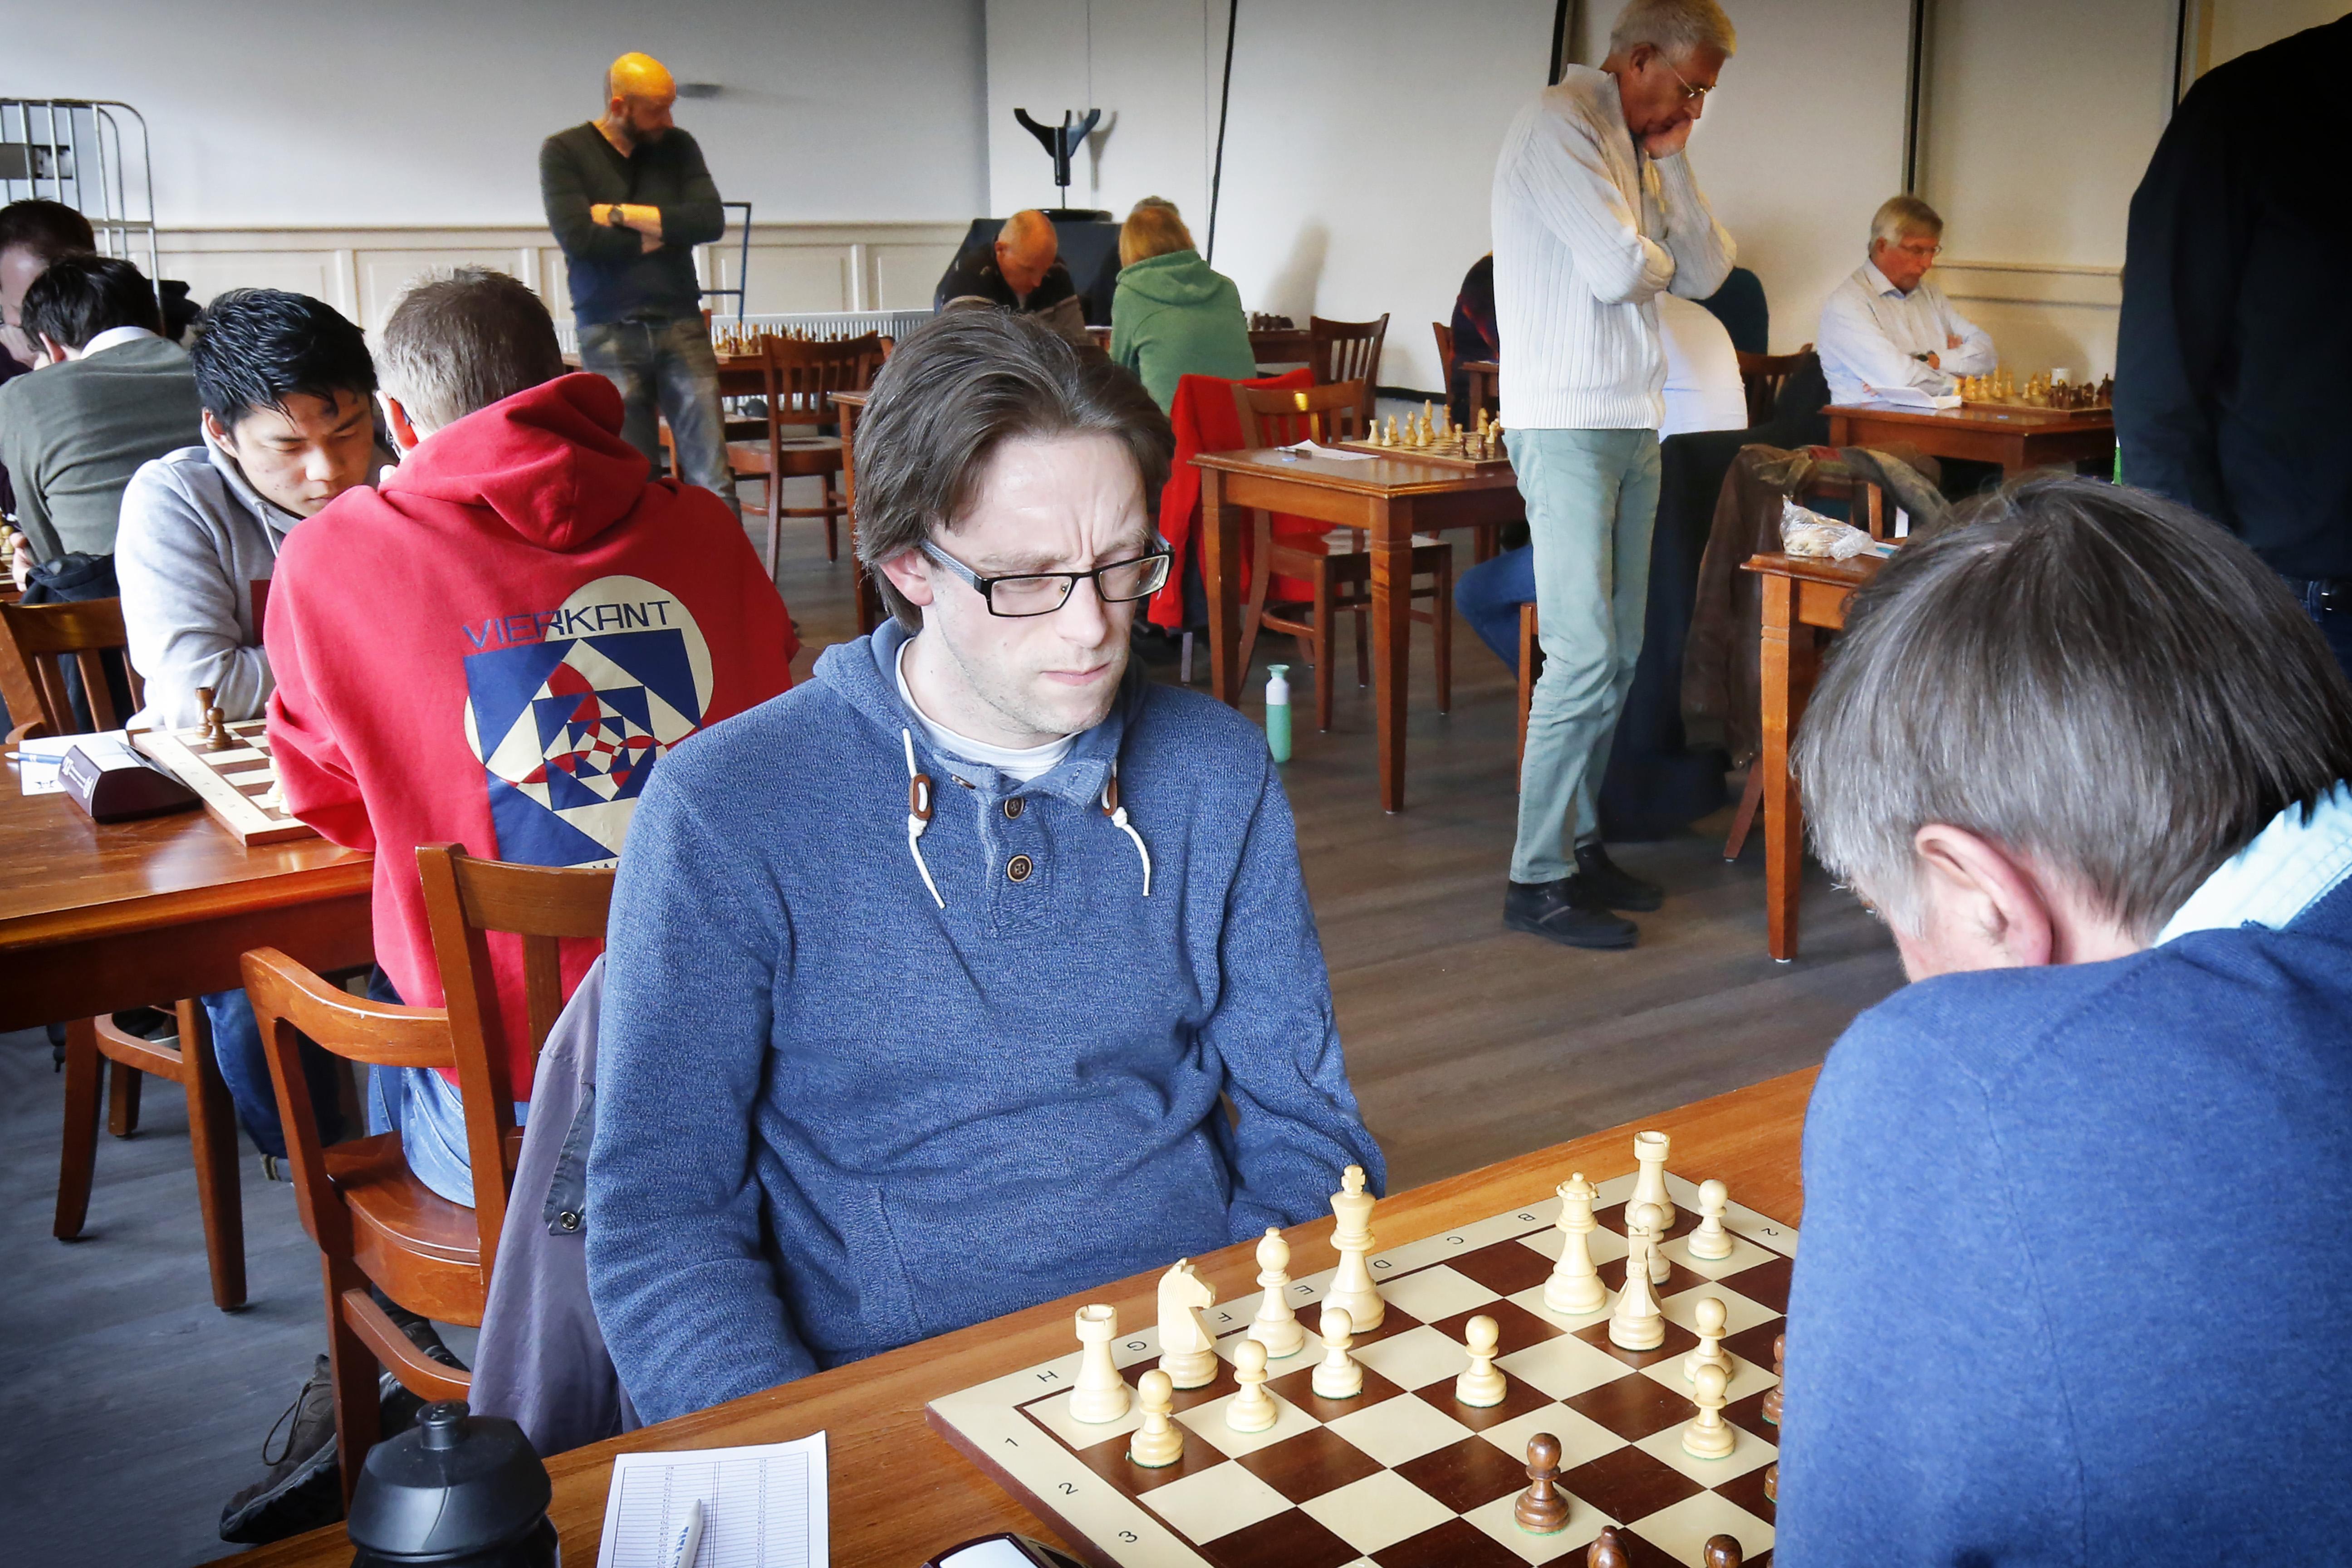 Beverwijker schaakclub Wijker Toren raakt kopman Hing Ting Lai en hoofdsponsor kwijt: 'Dat is een zware klap'